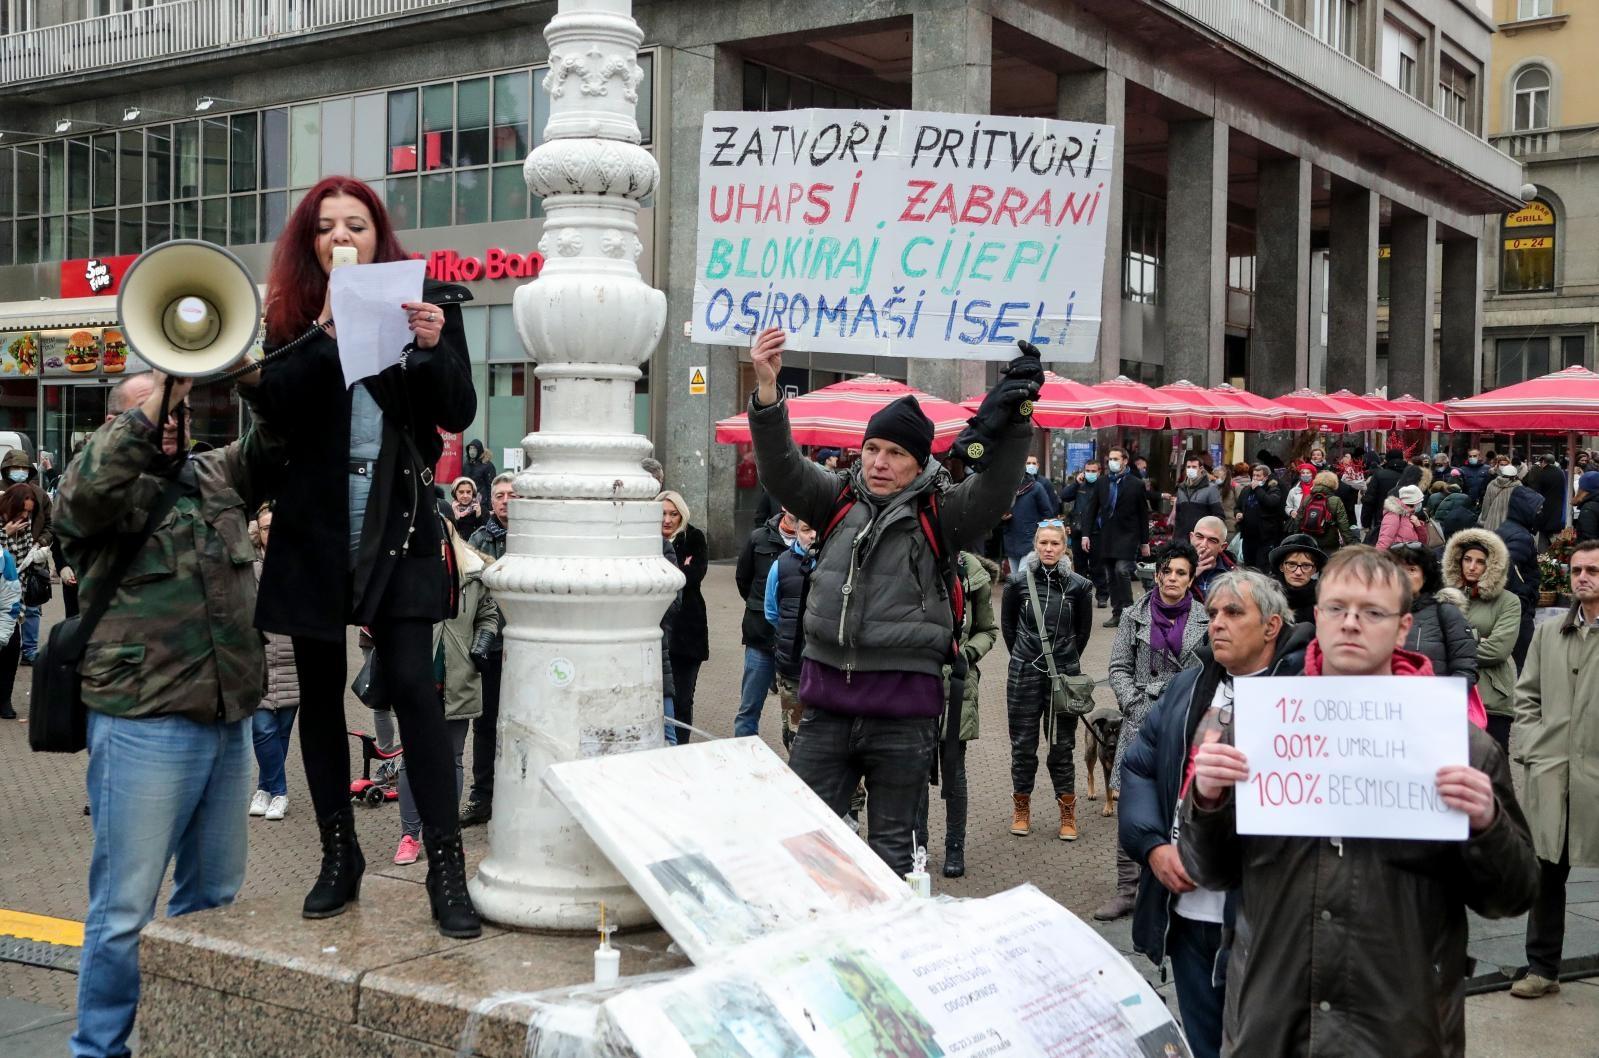 Na prosvjed su pozvali ljude i iz drugih gradova.